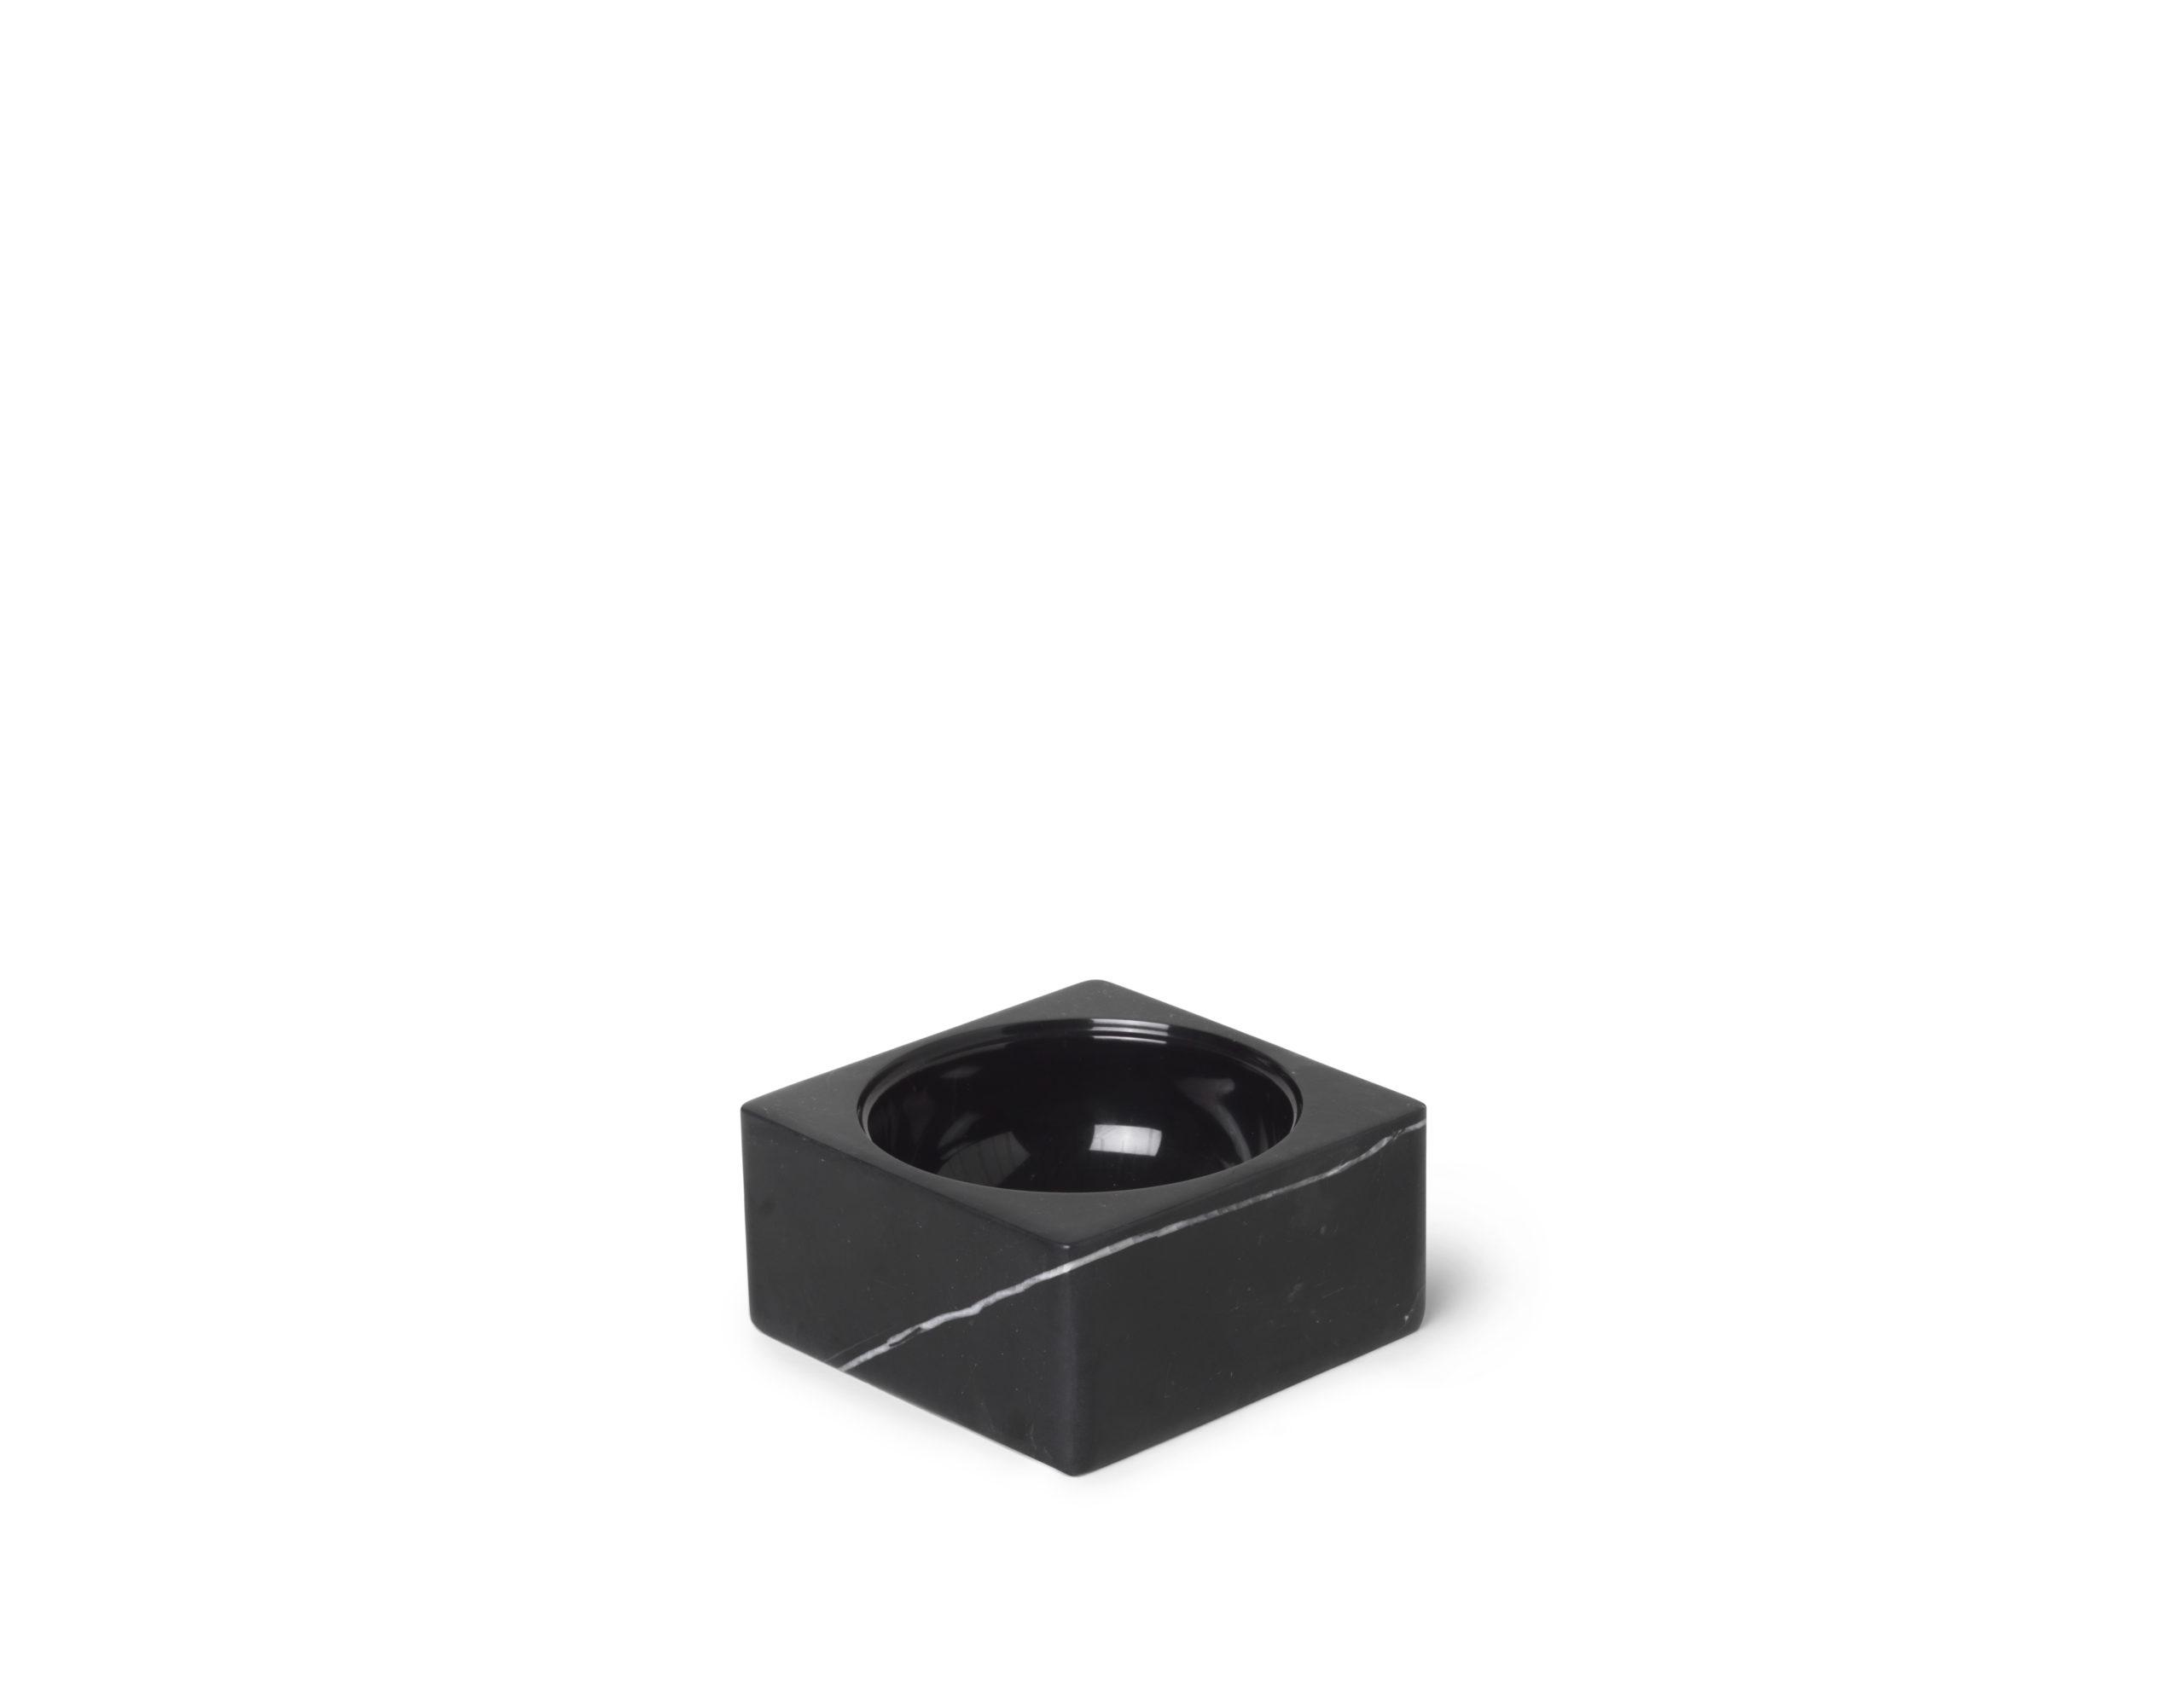 ARCHITECTMADE PK Mini Black Marble Bowl Poul Kjærholm